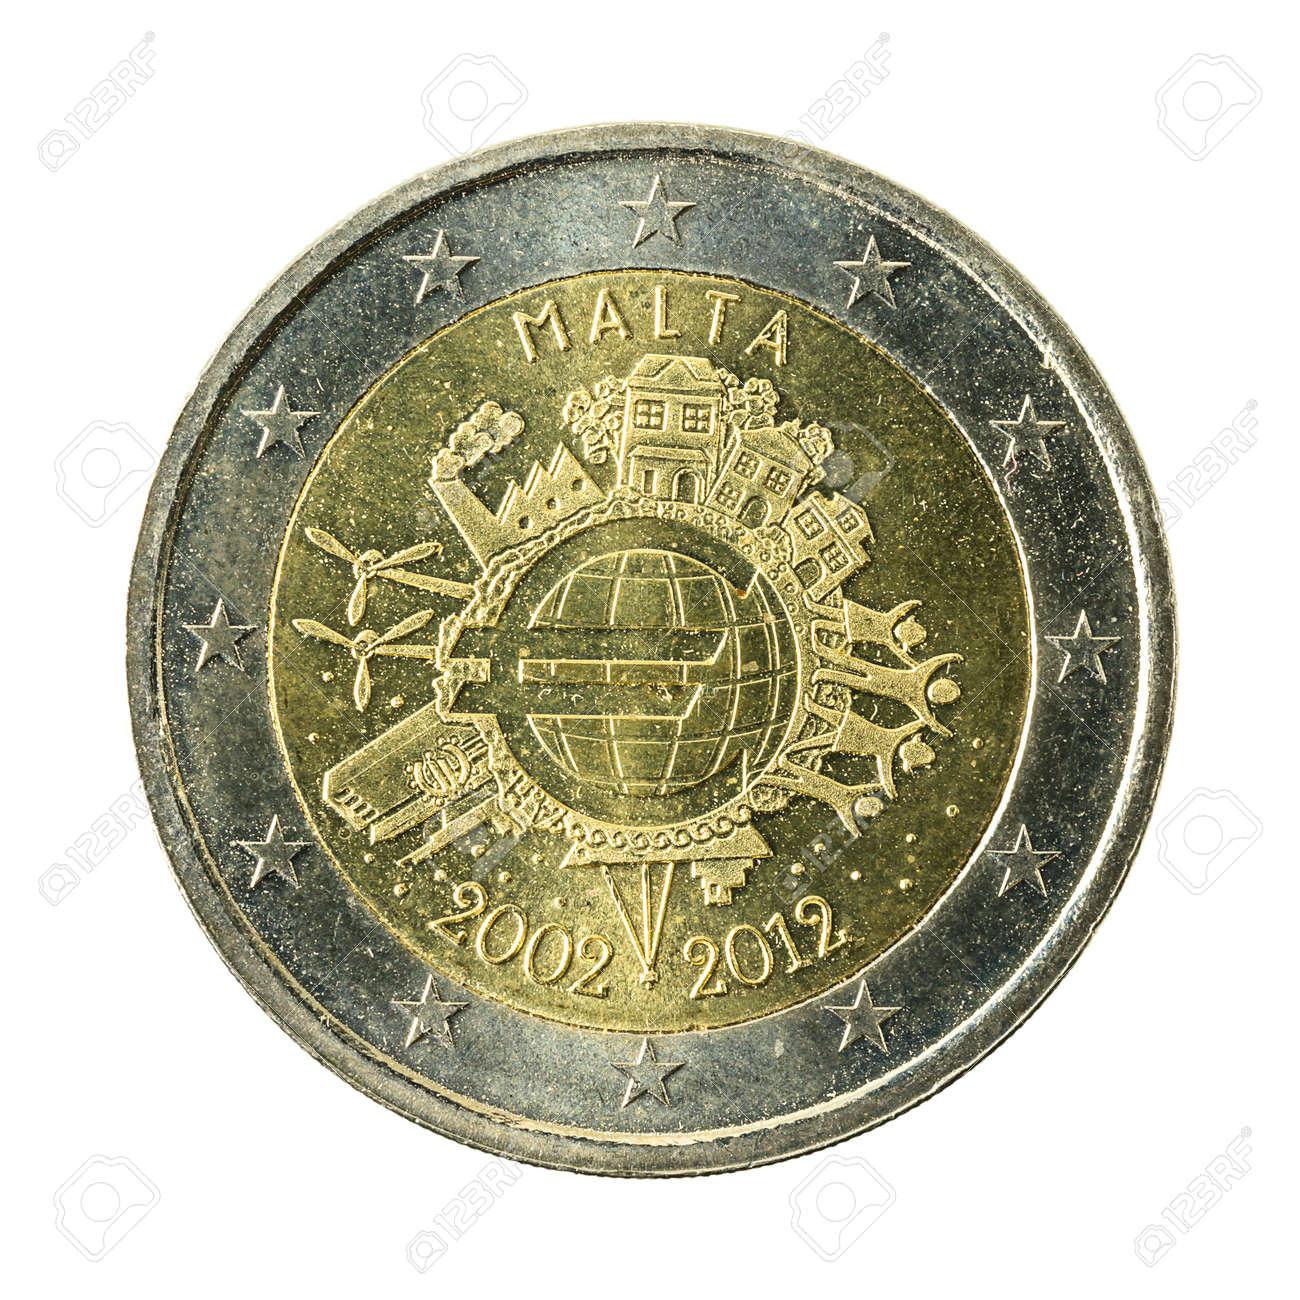 2 Euro Münze Malta Isoliert Auf Weißen Hintergrund Lizenzfreie Fotos